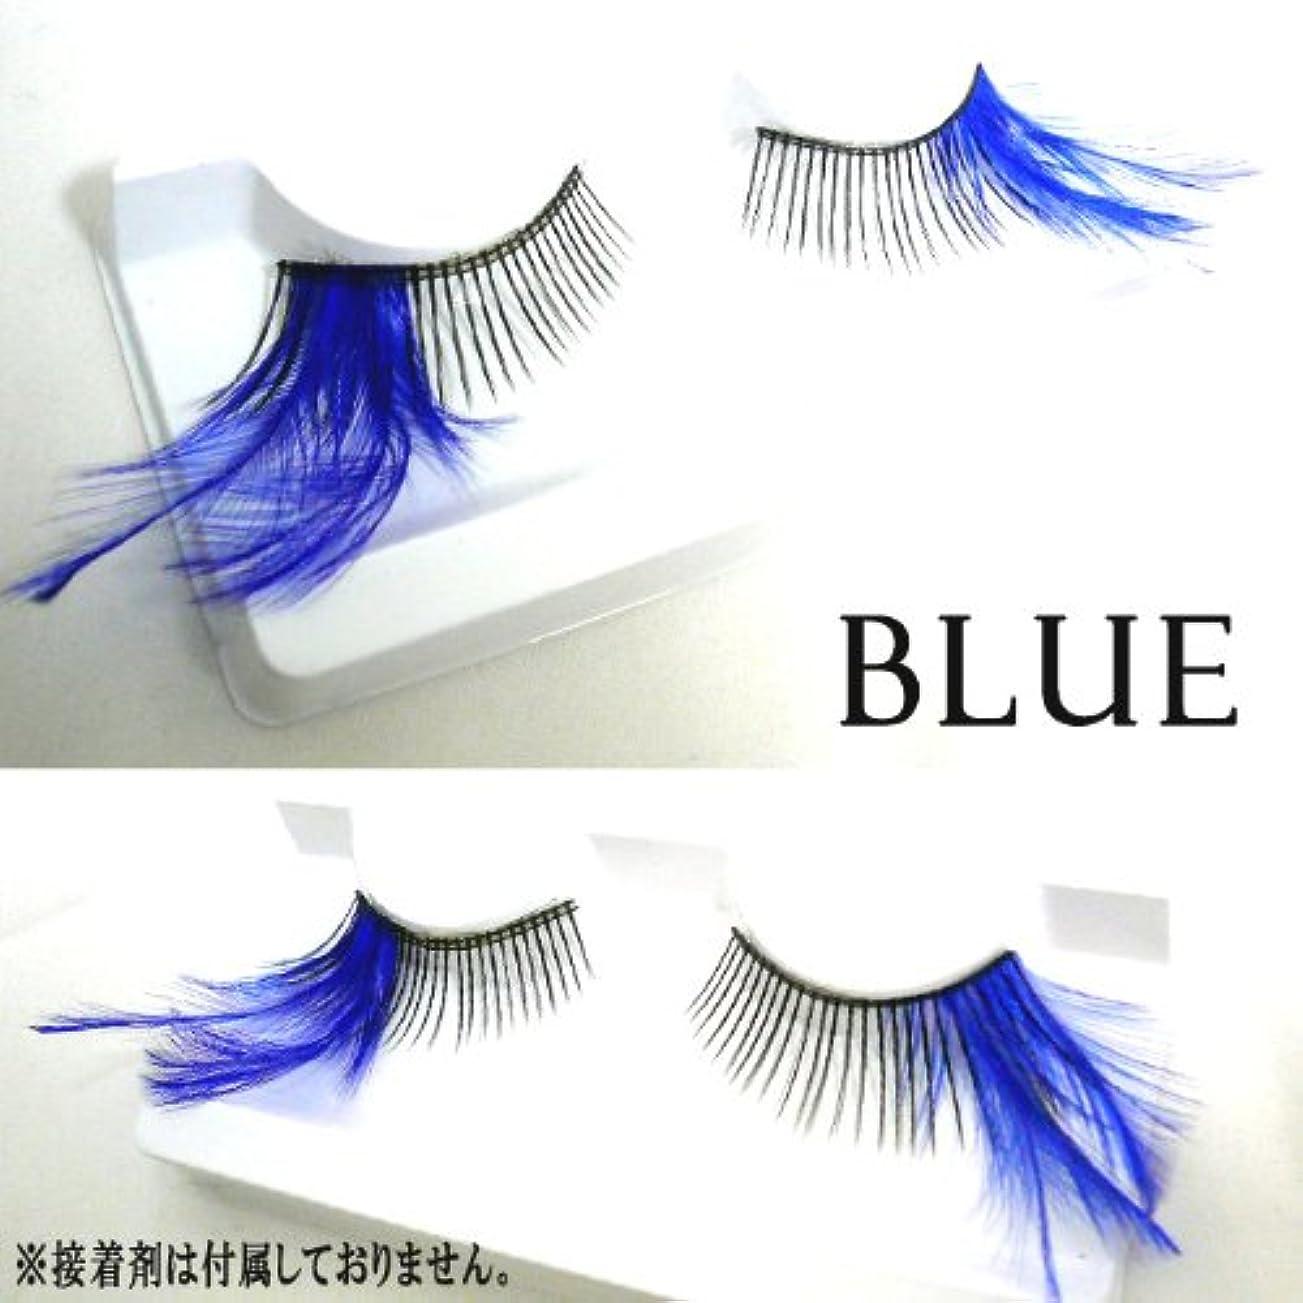 朝肉の推定羽付きつけまつげ つけまつげ 付けまつげ 羽付き 羽つき ダンス用 ダンス パーティー 発表会 tuke0012s ブルー